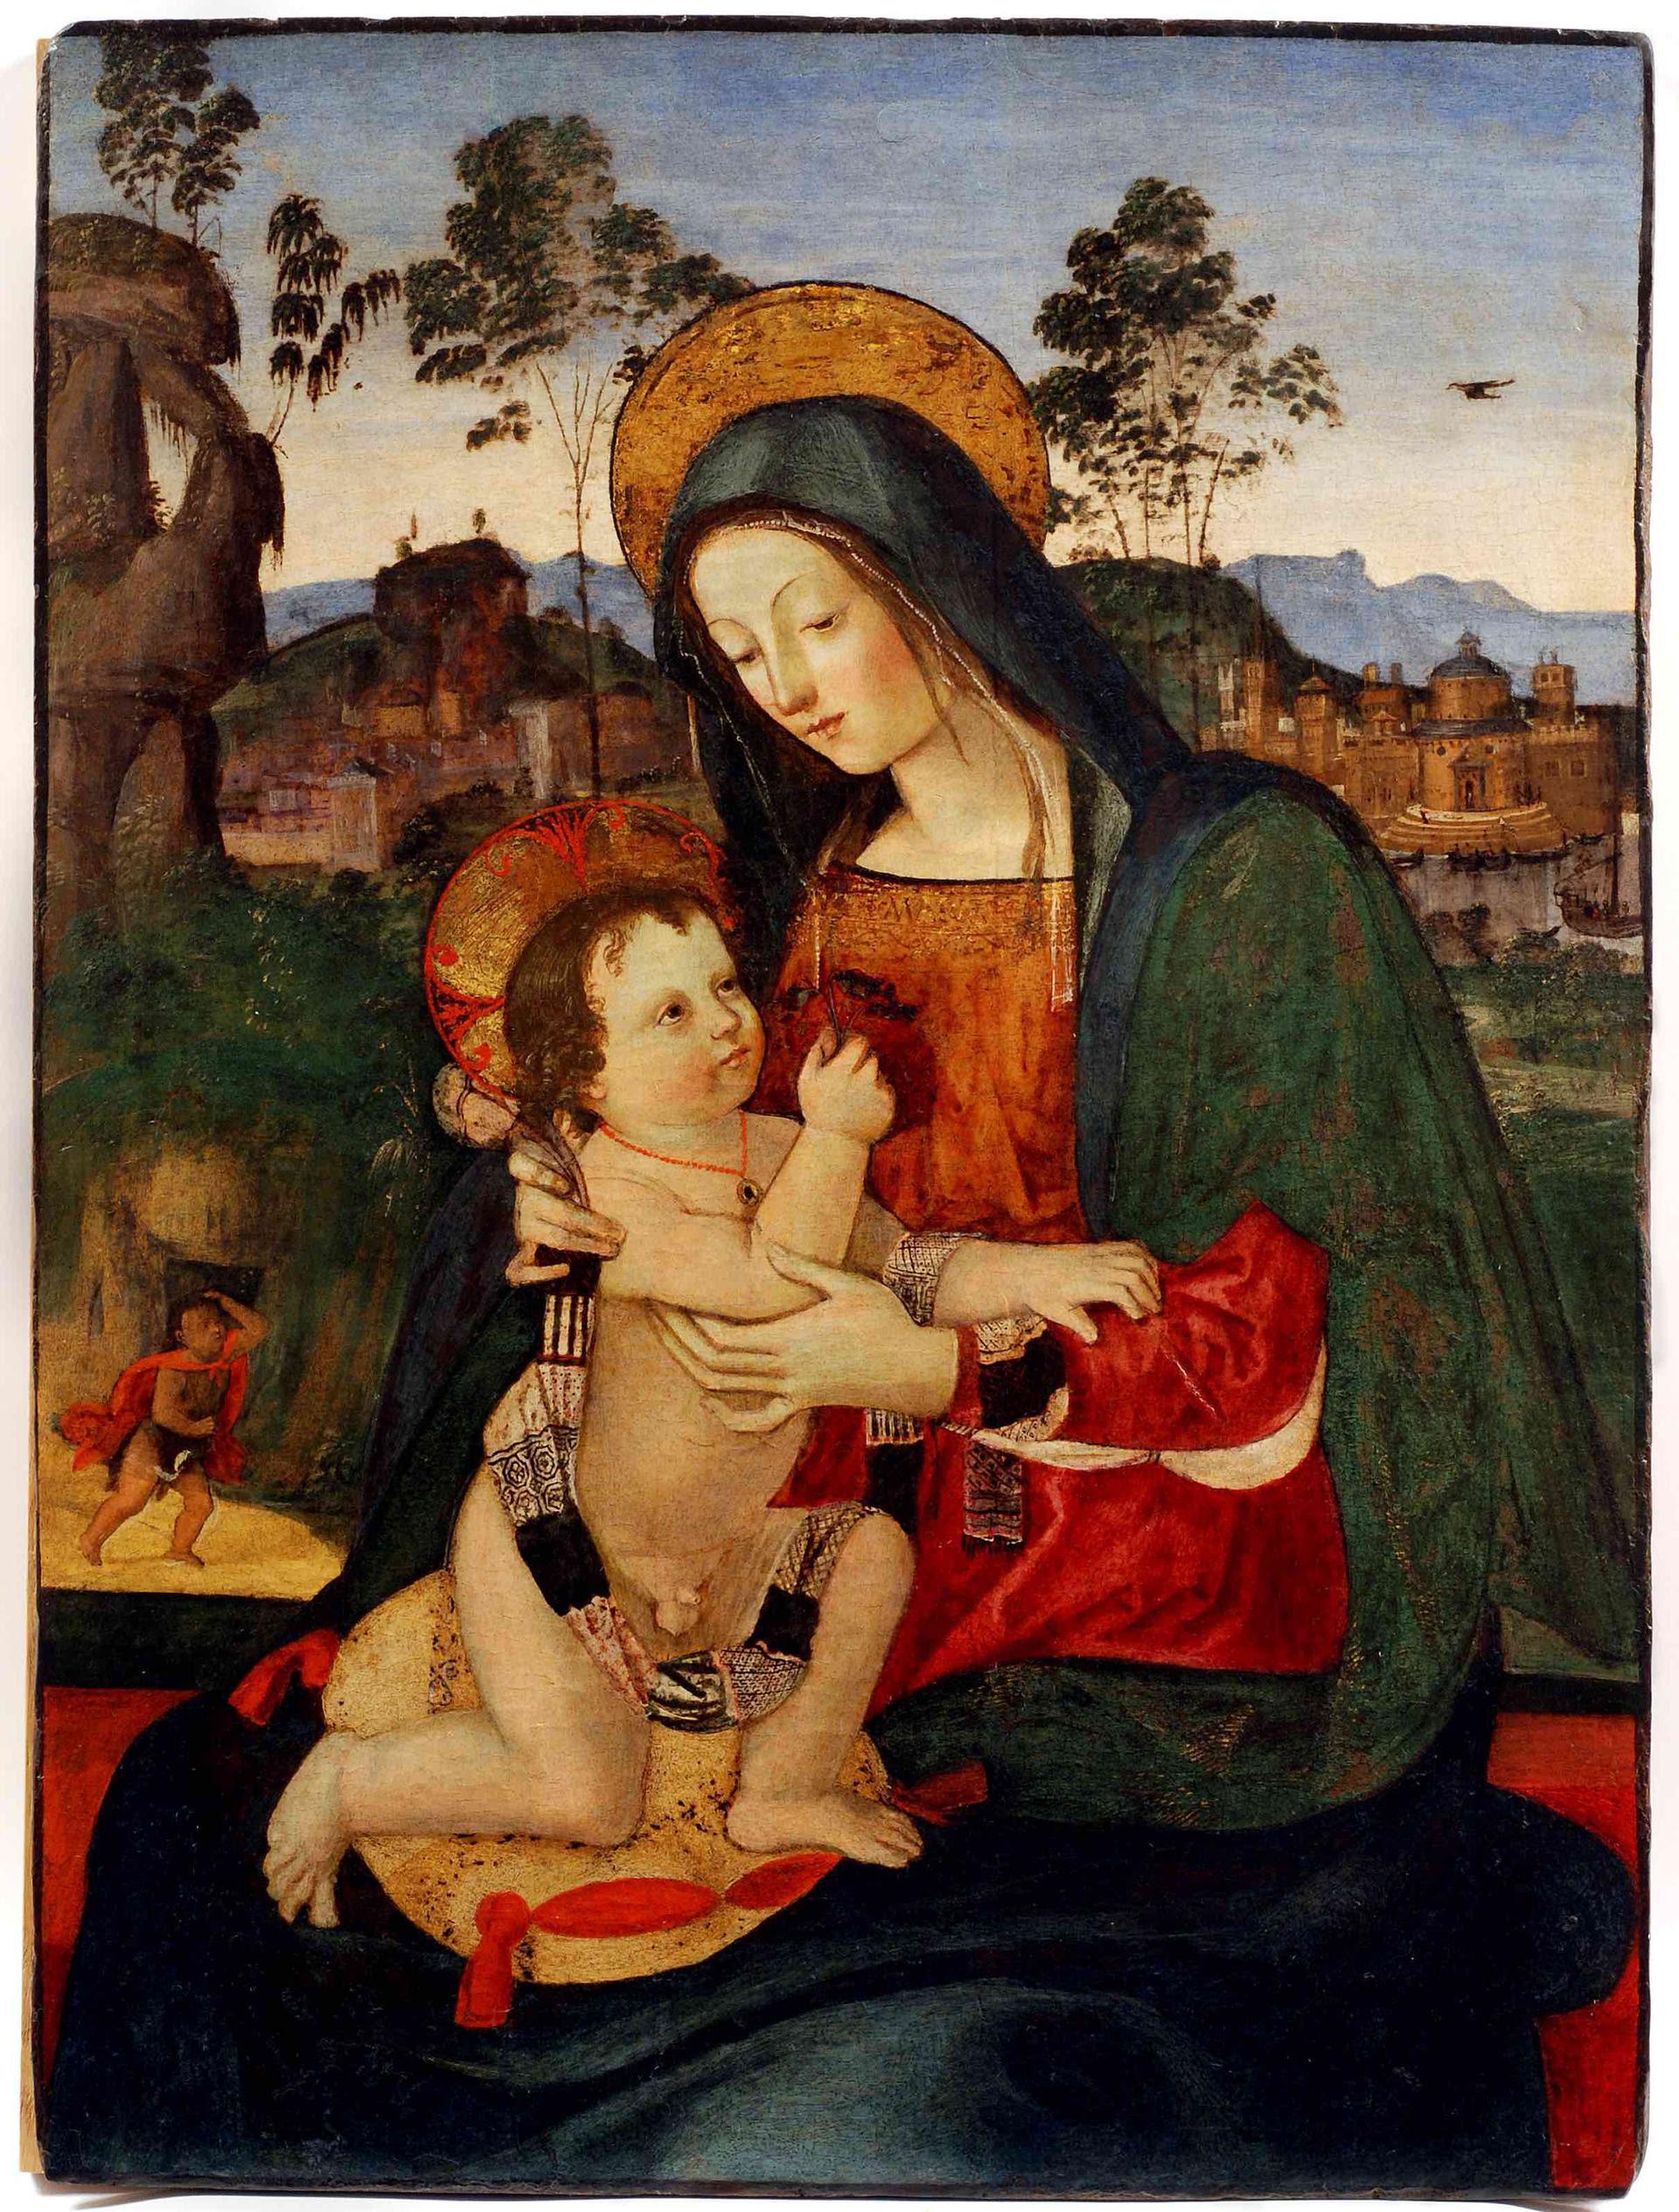 Mostra Perugia - Raffaello in Umbria e la sua eredità in Accademia - immagini